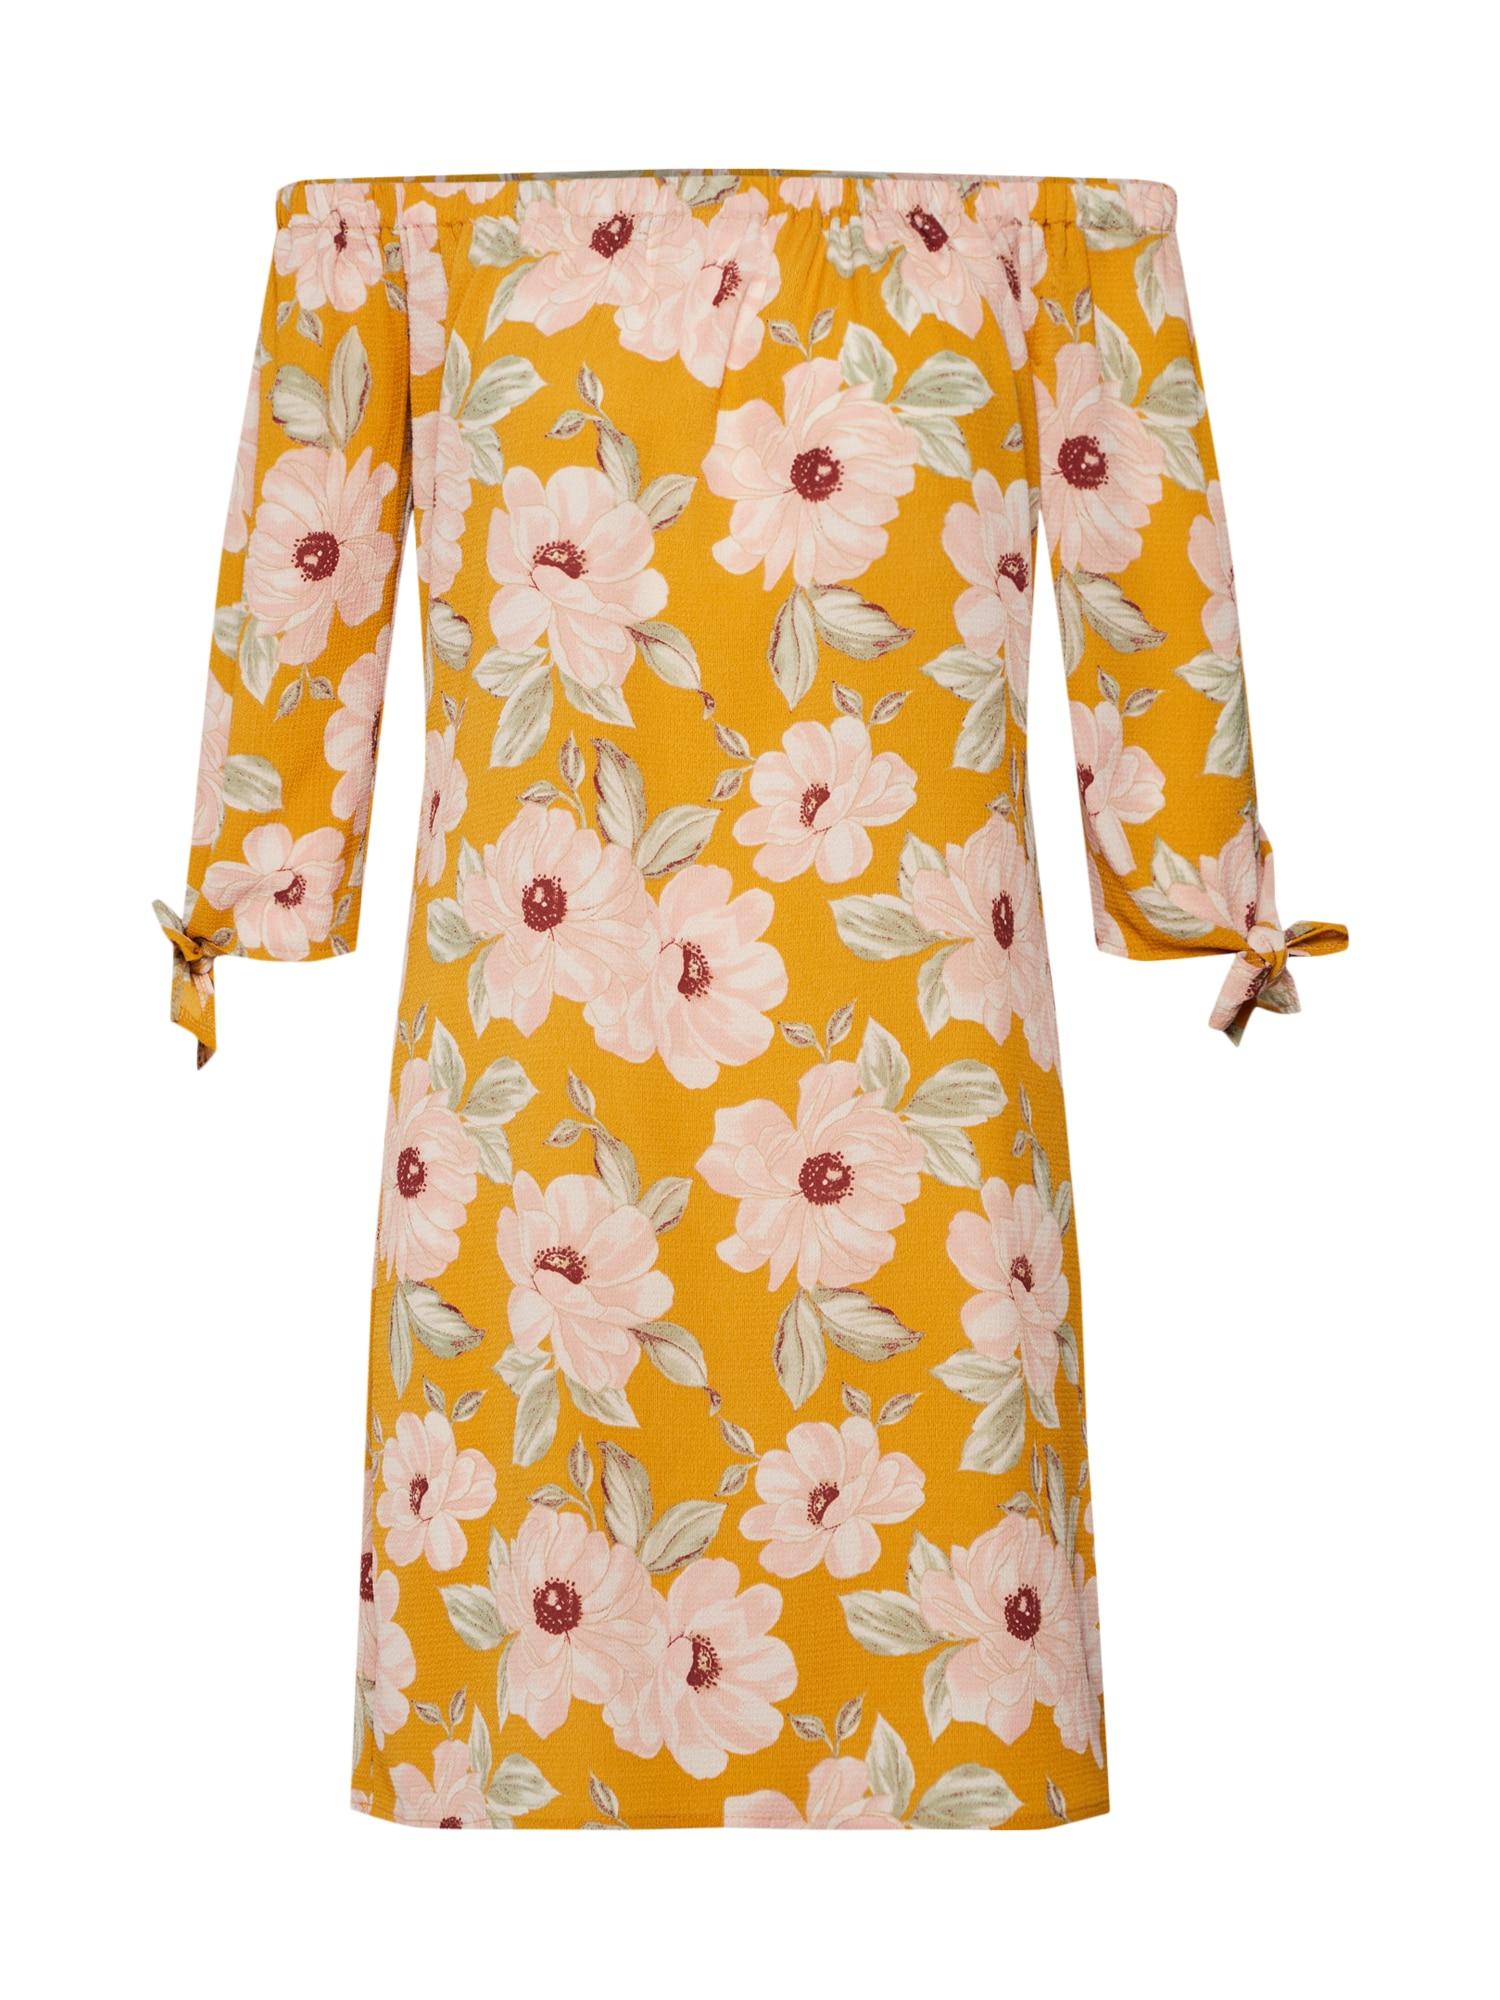 Damen Röcke   Kleider   Billig Shoppen in Deutschland 4297a35e15